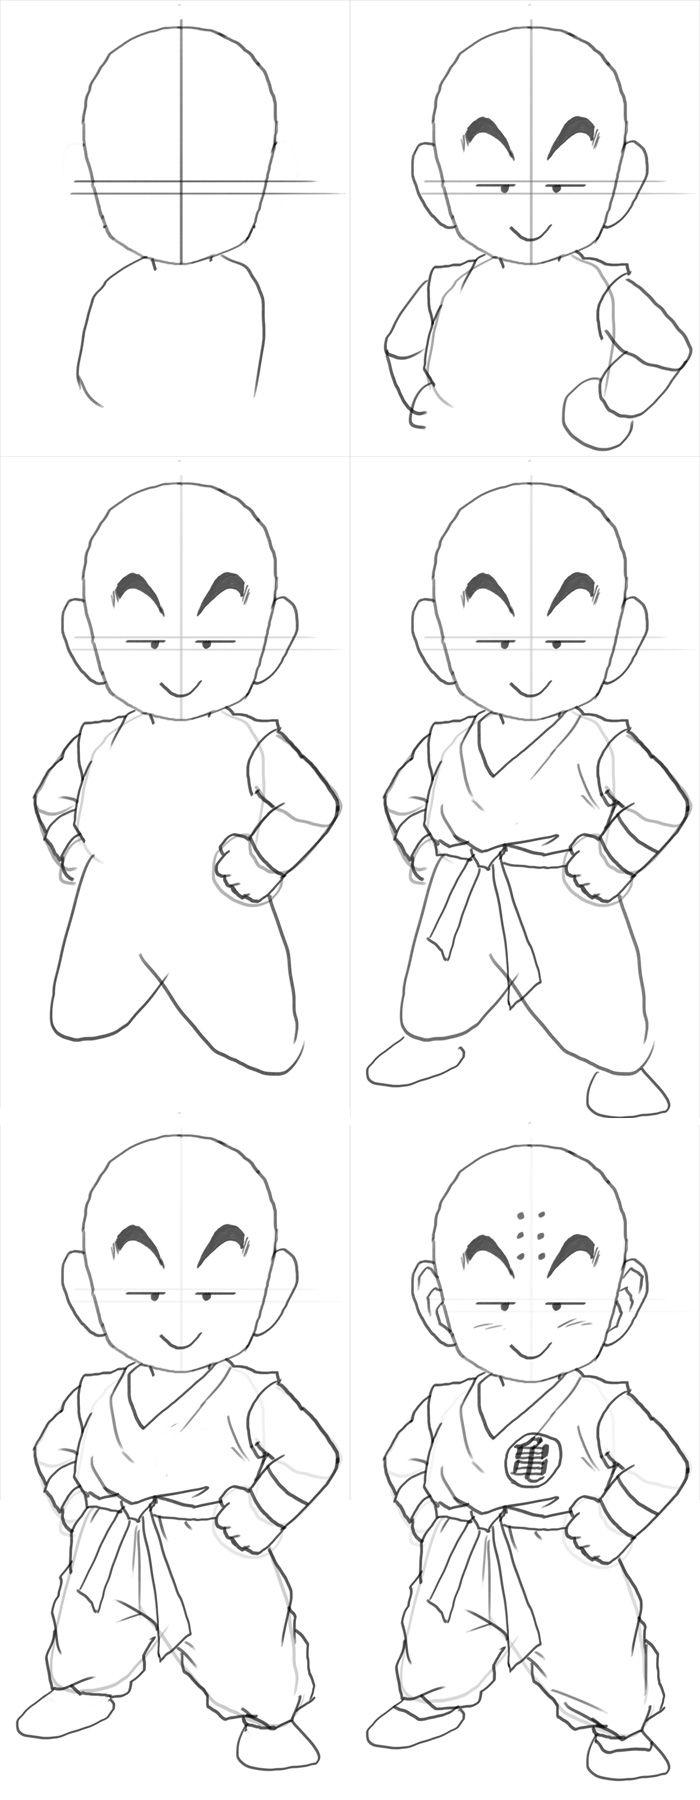 Pin de Xia Taptara em Art tutorials Desenhos fáceis